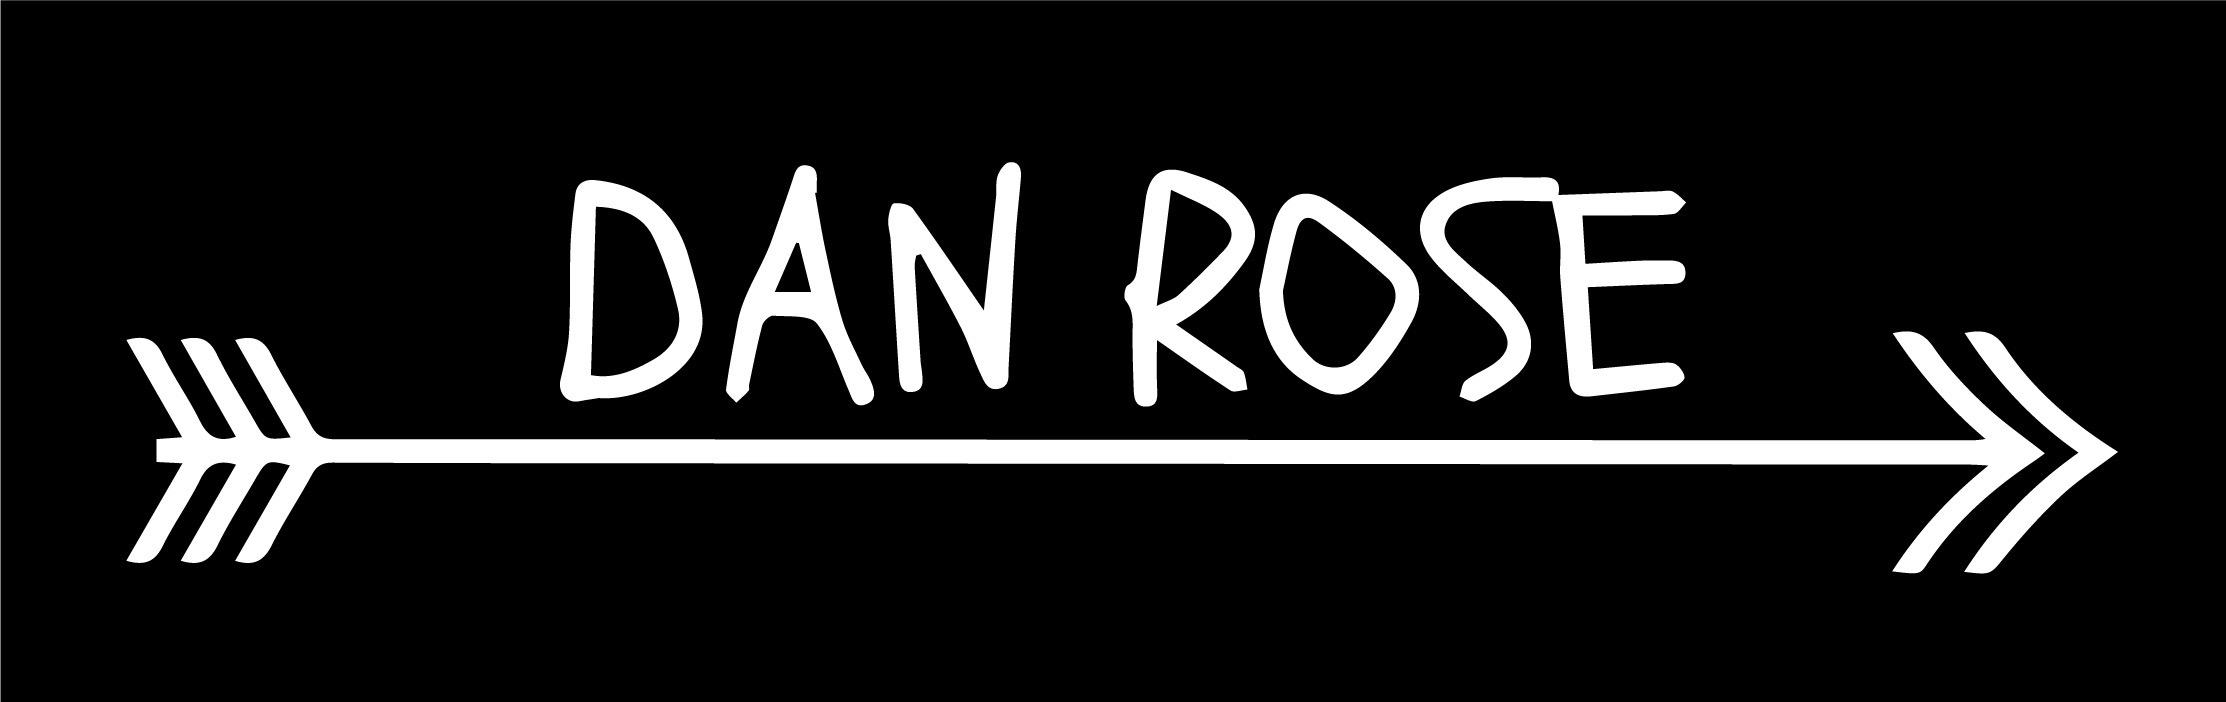 Dan Rose logo 1